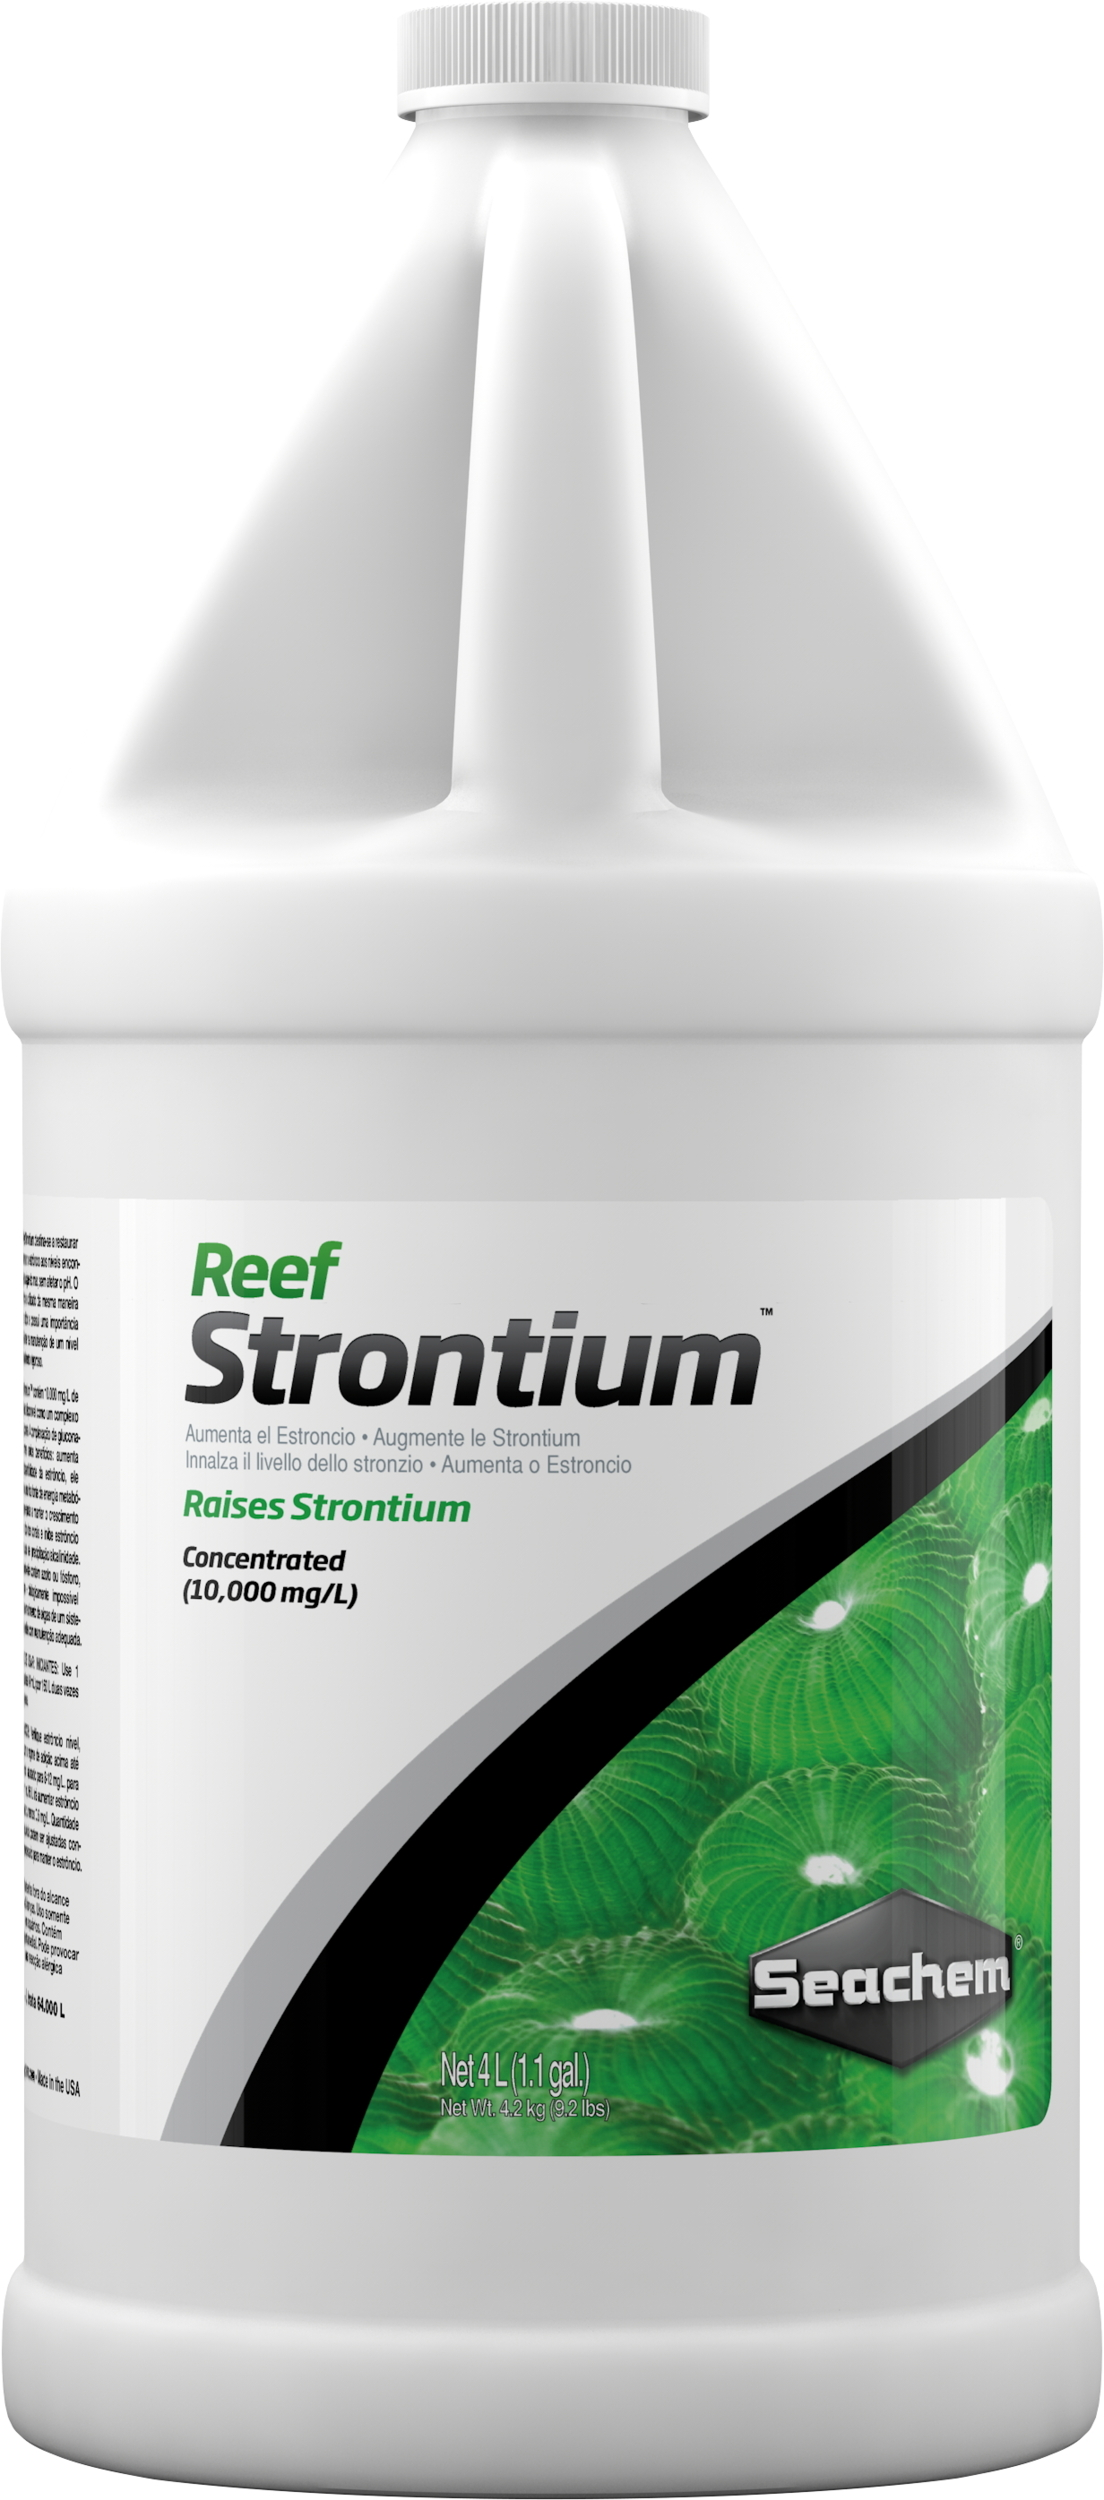 SEACHEM Reef Strontium 4 L complément concentré qui maintient et restaure le niveau de Strontium